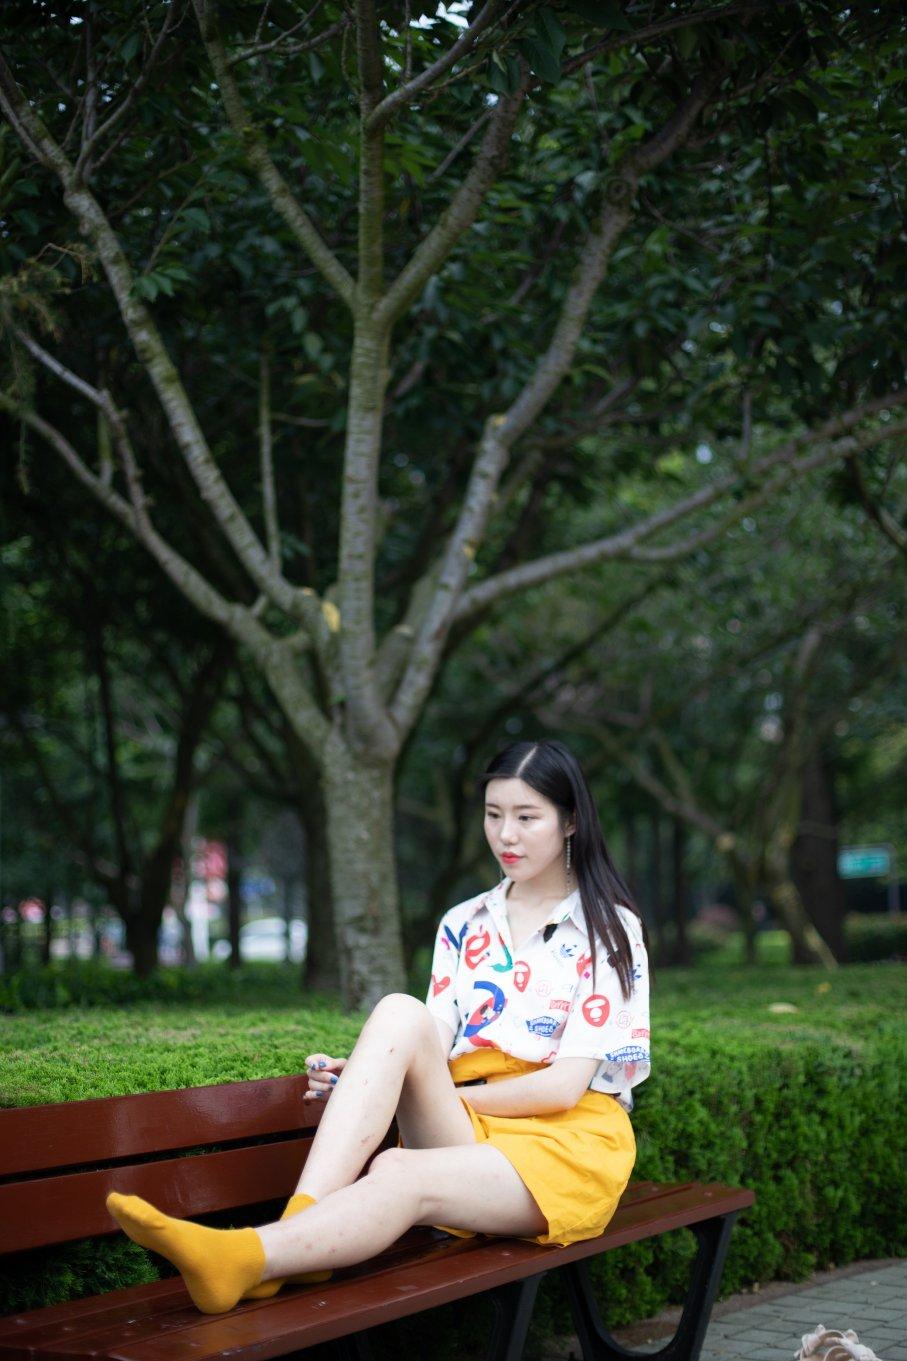 036期:爱琪-逆天长腿(拖鞋、棉袜、裸足)